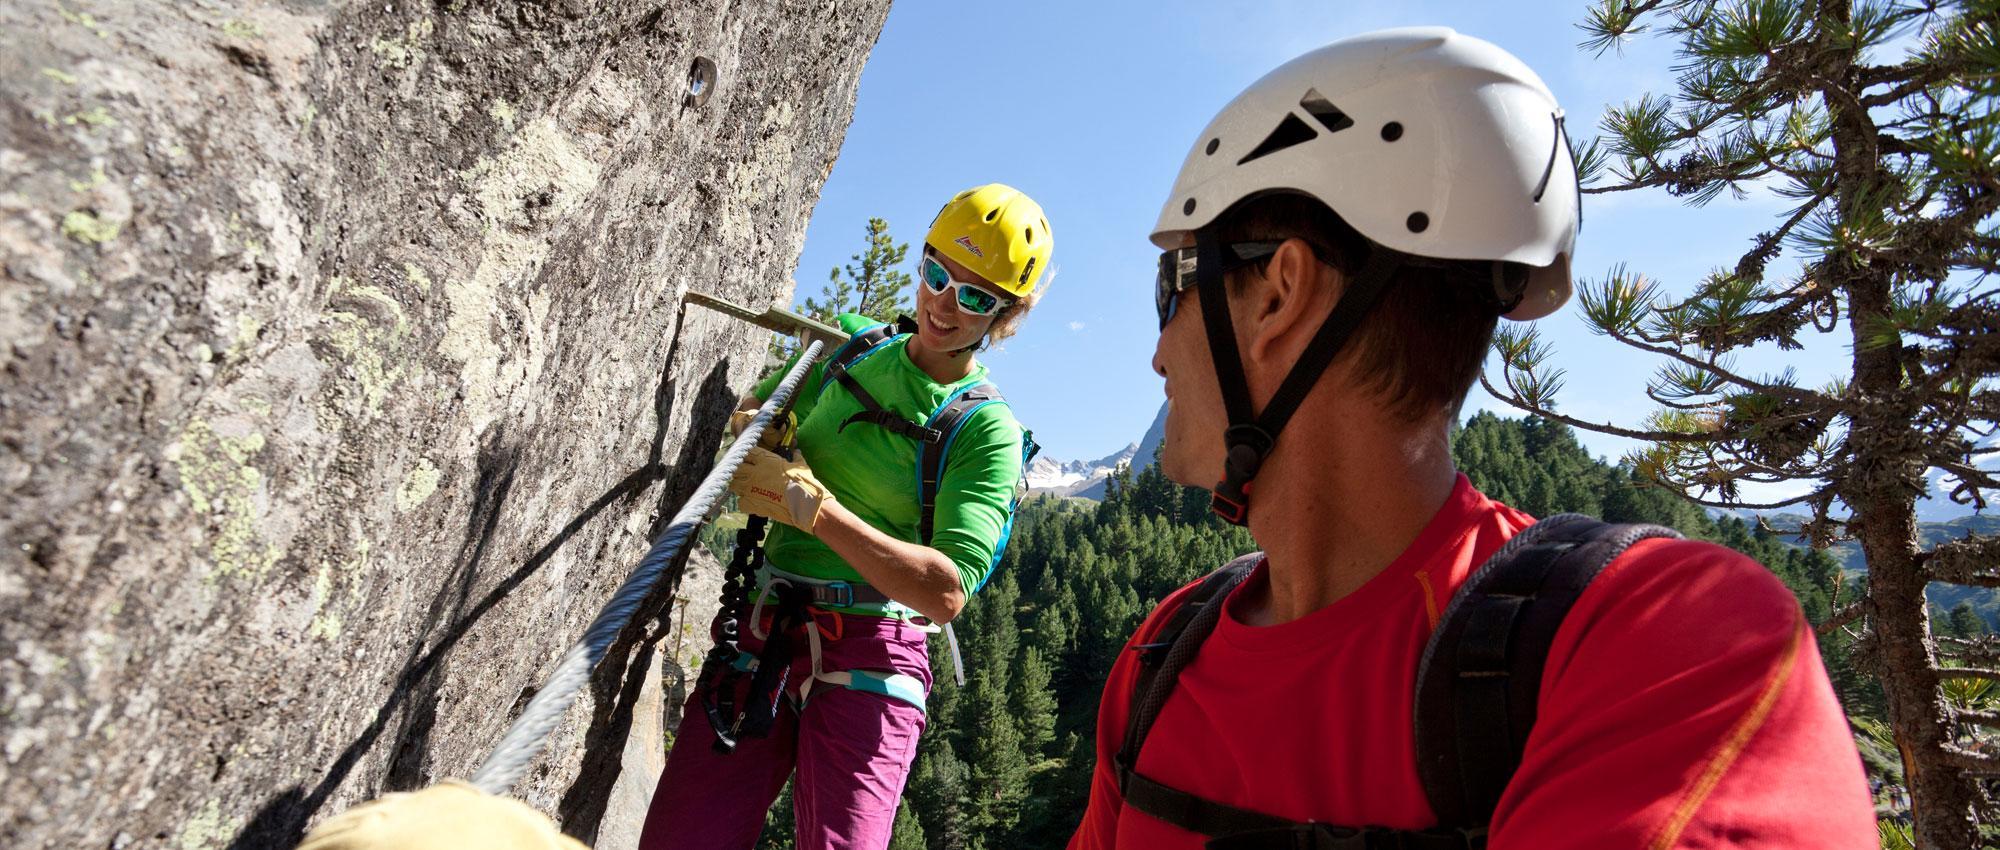 Kletter auf Lähner Wasserfall Klettersteig 1.jpg